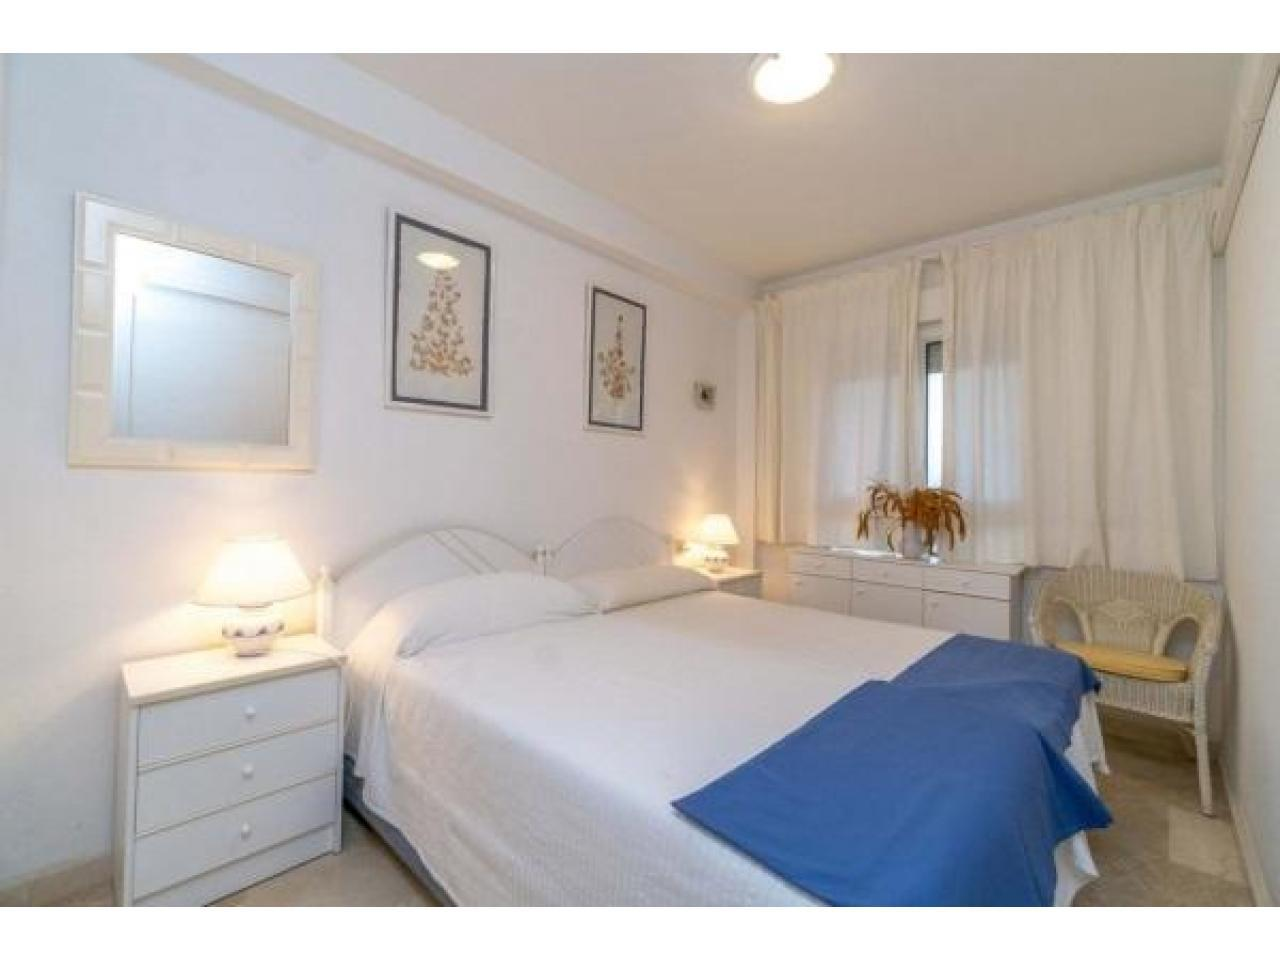 Недвижимость в Испании, Квартира с видами на море в Кампоамор,Коста Бланка,Испания - 6